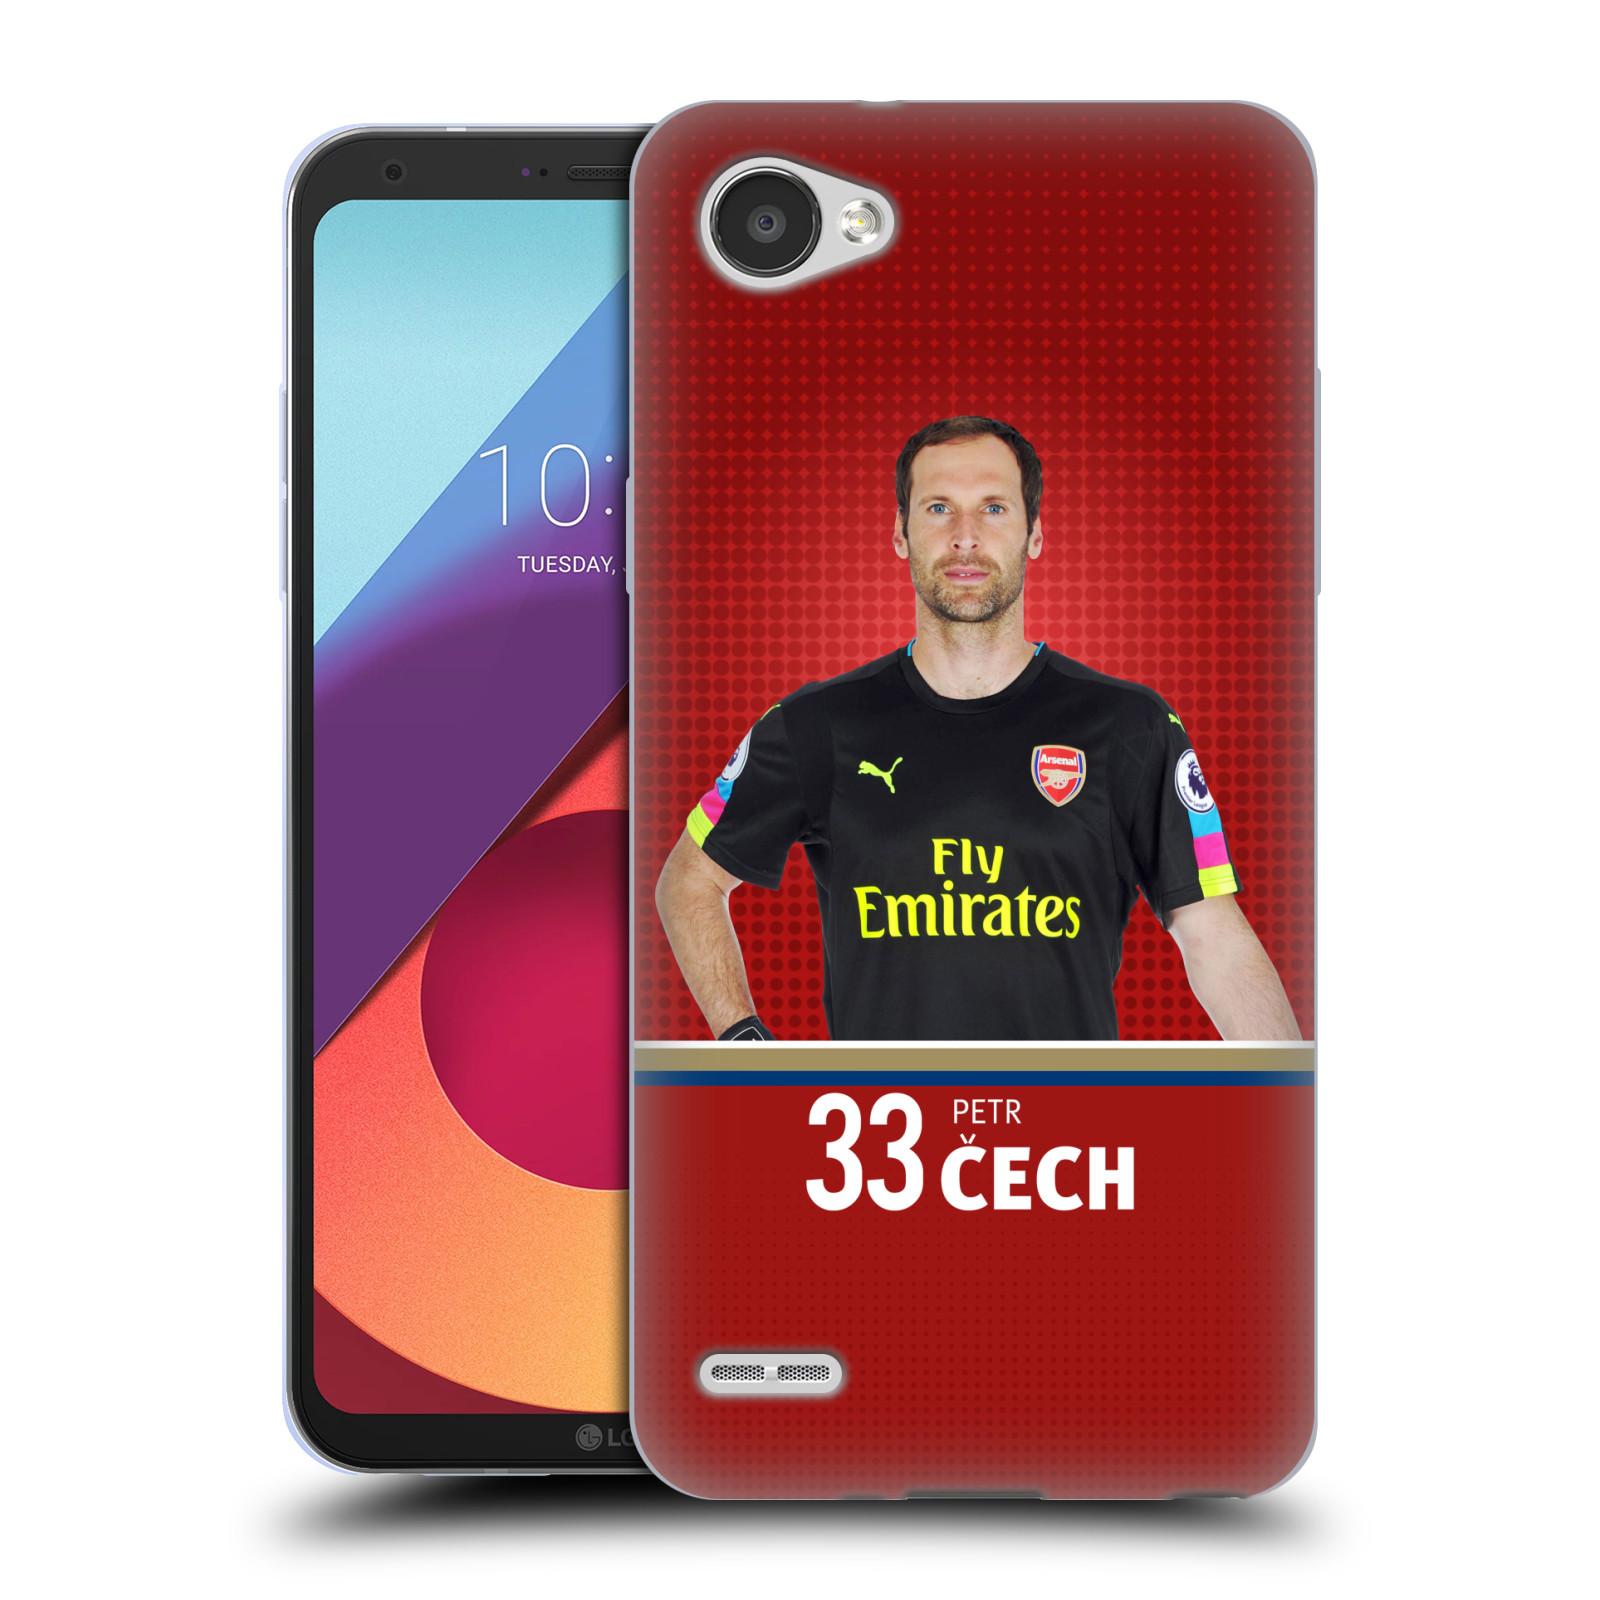 Silikonové pouzdro na mobil LG Q6 - Head Case - Arsenal FC - Petr Čech